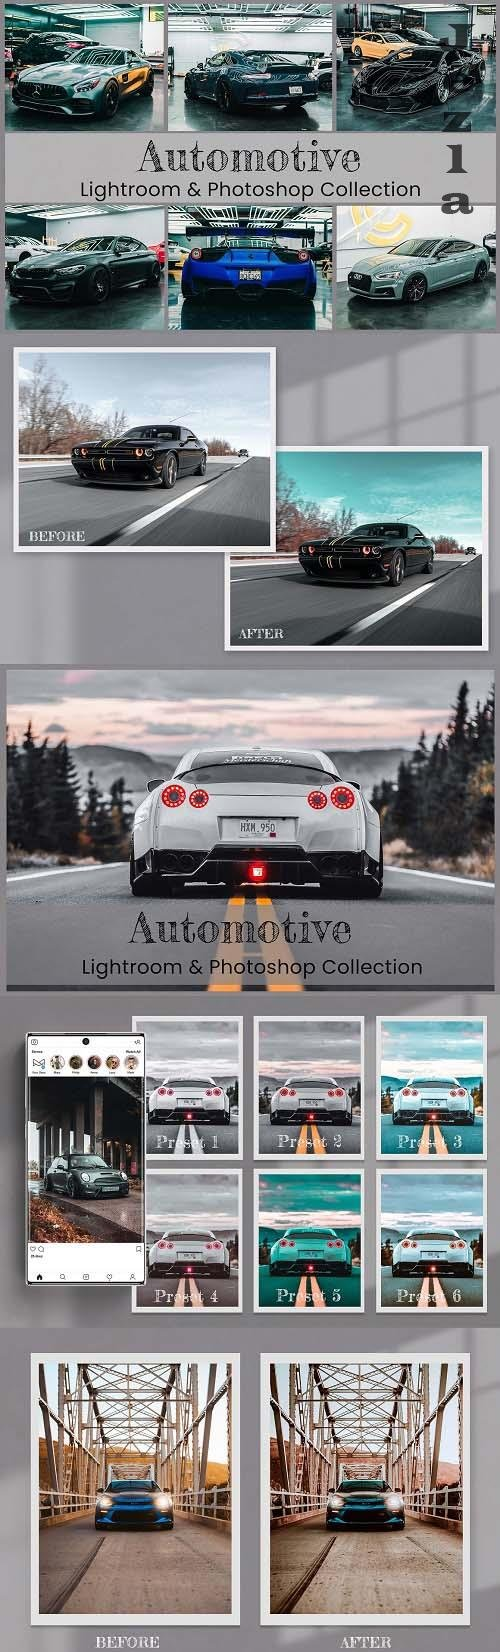 Automotive LRM PHSP LUTs - 6529006